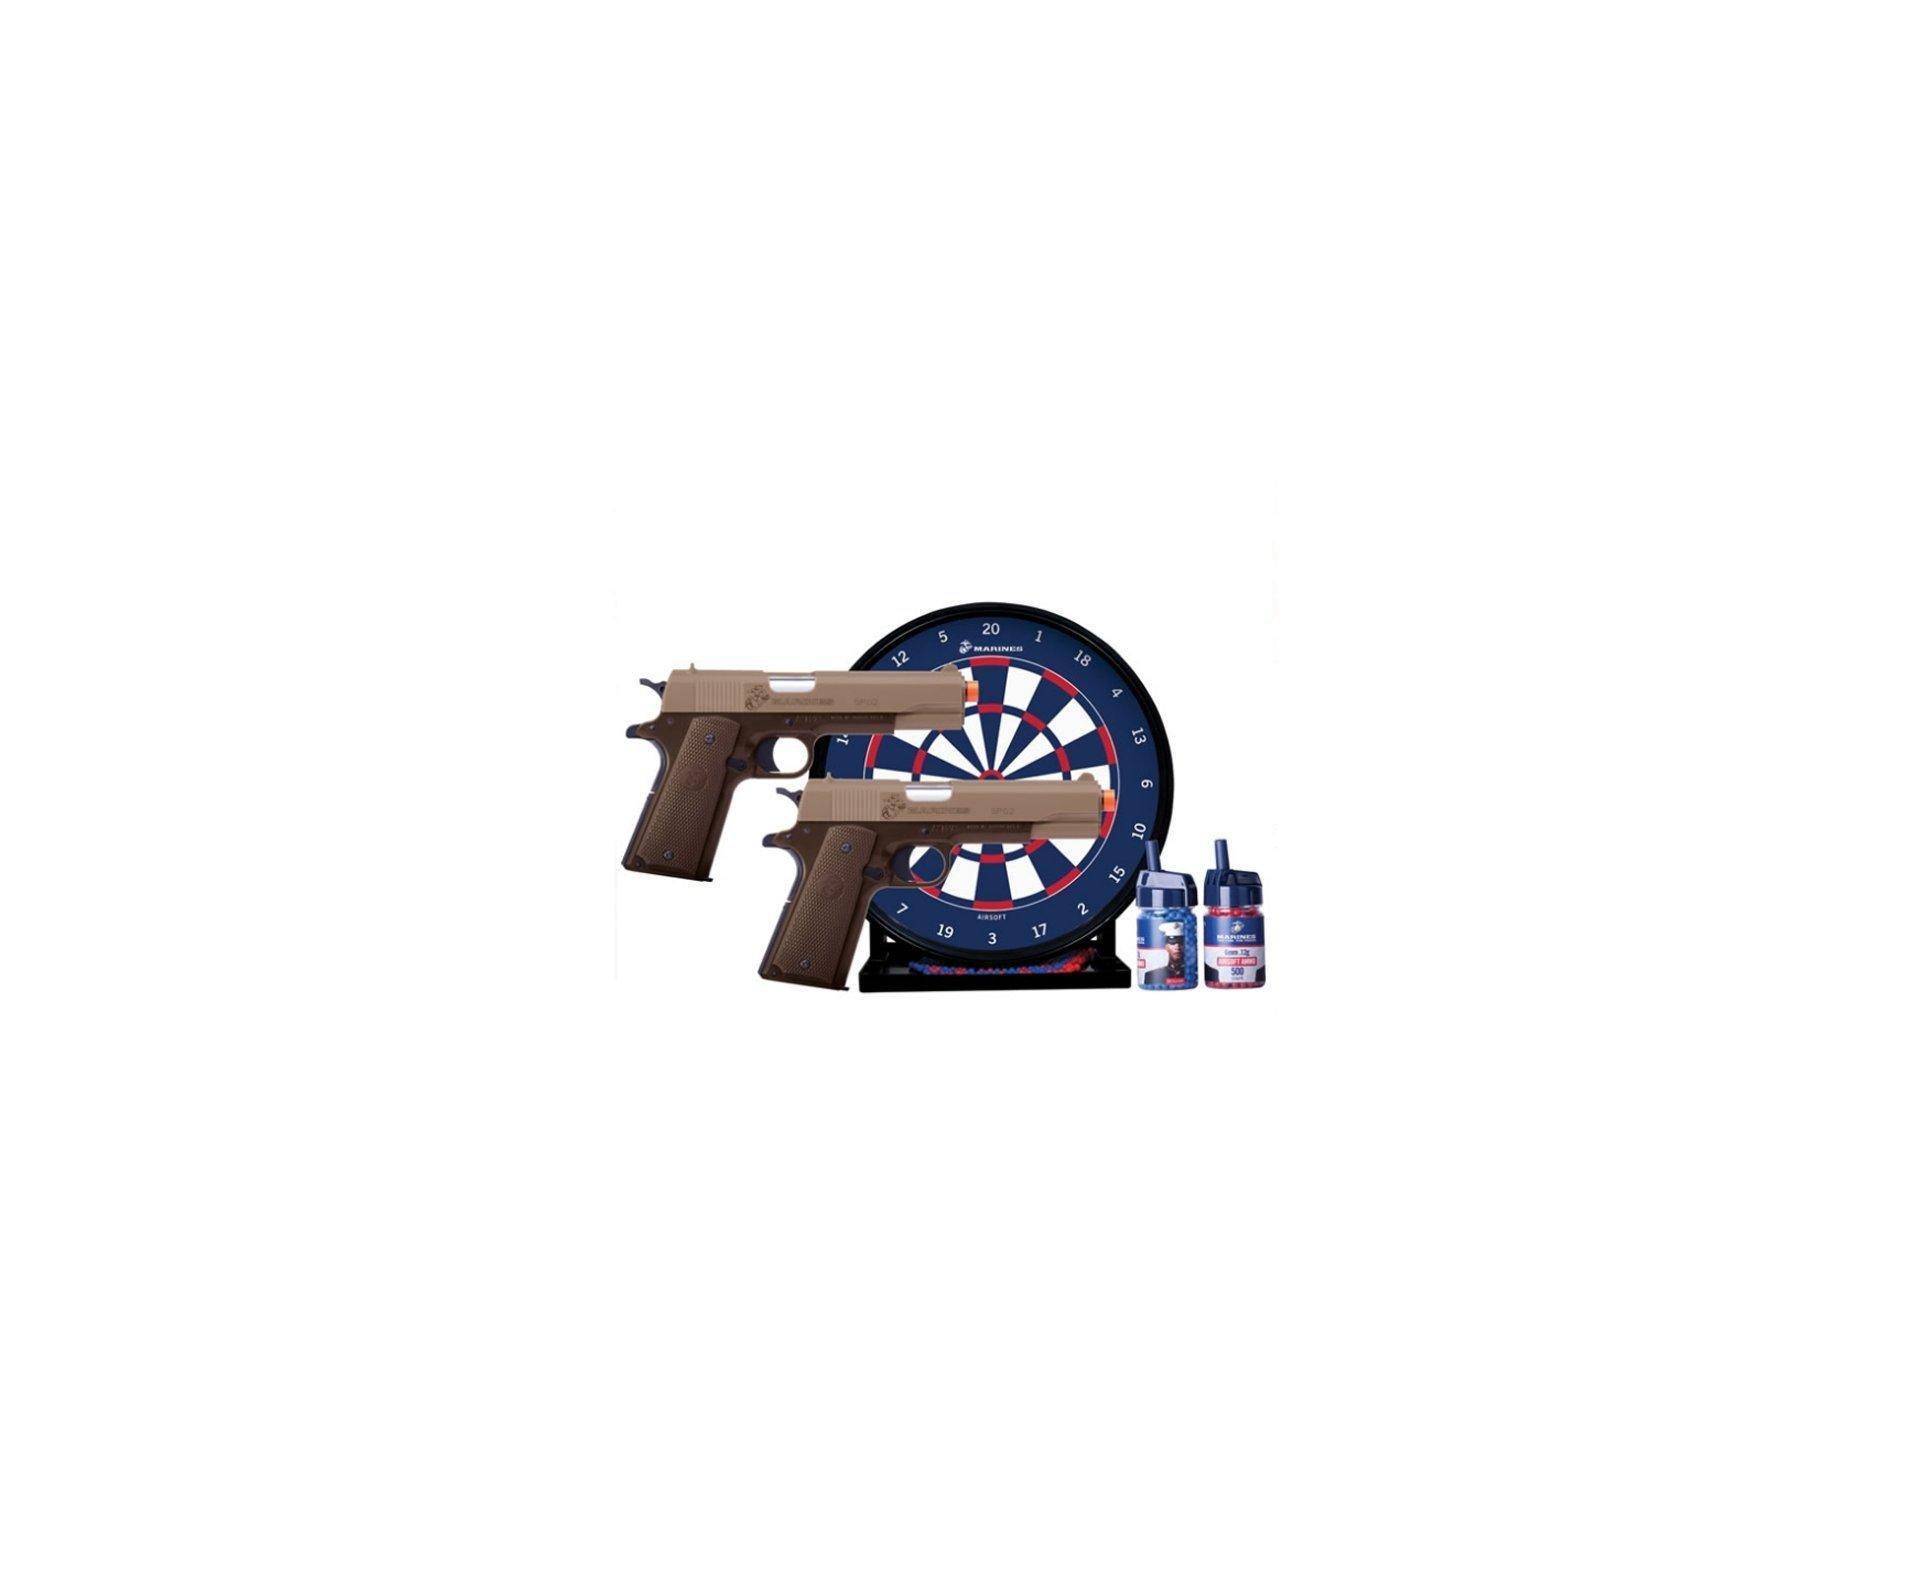 Kit De Airsoft Marines - 2 Pistolas 1911 + Alvo Gel + Esferas Plásticas - Crosman